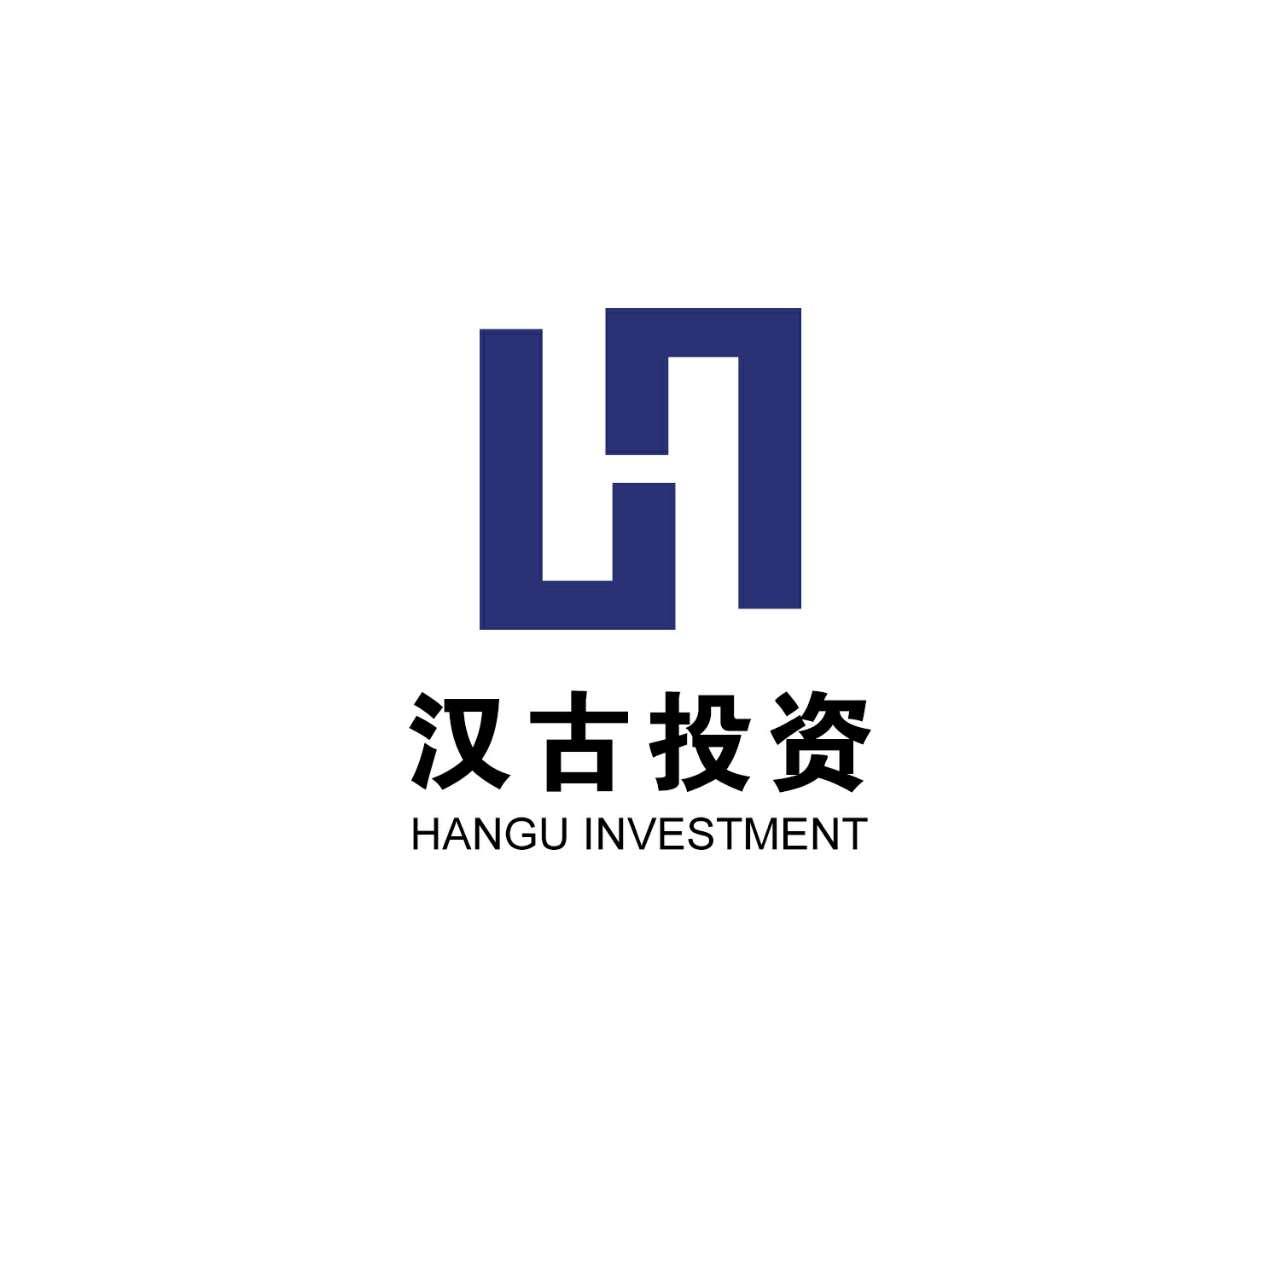 广州汉古投资有限公司